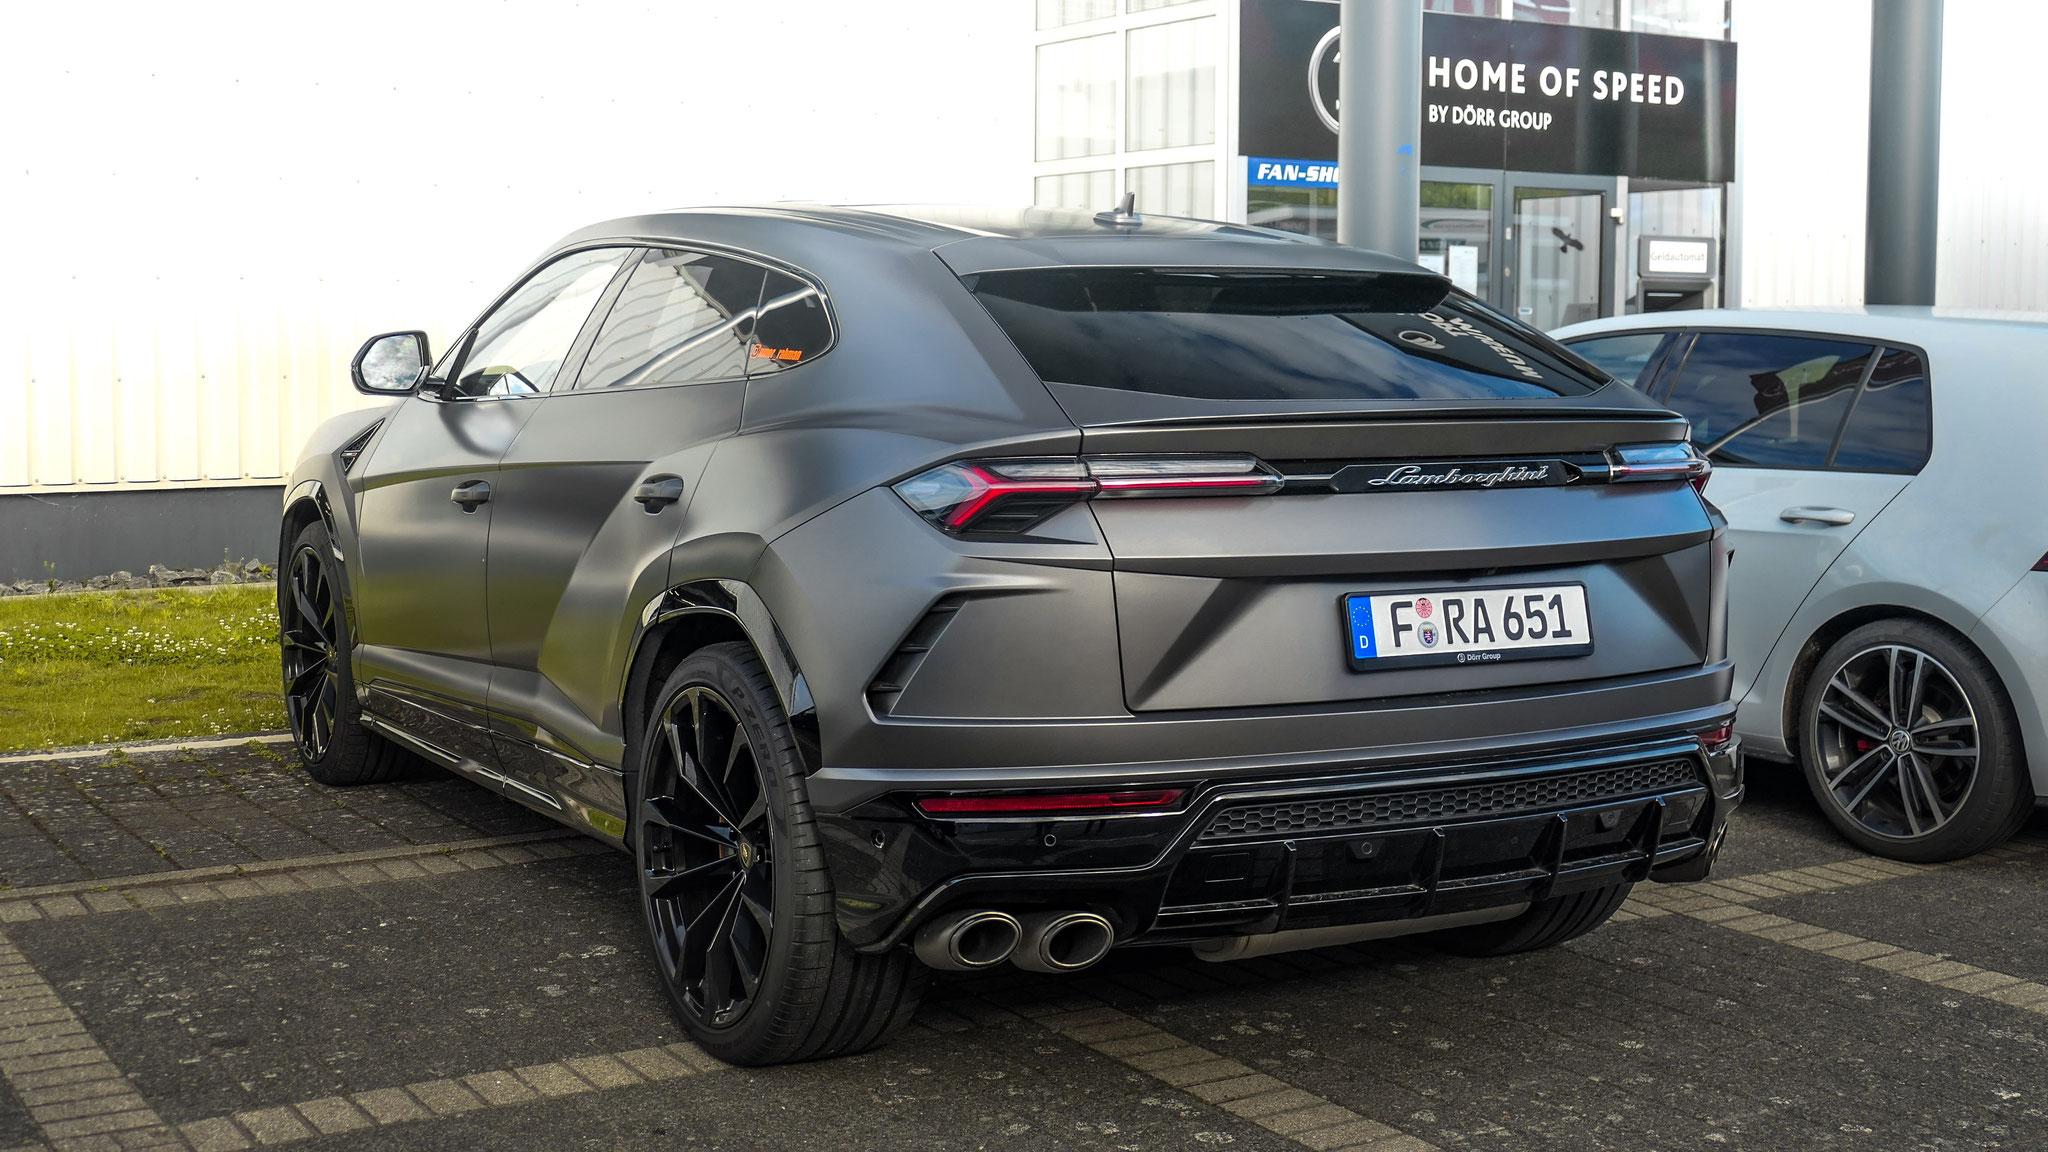 Lamborghini Urus - F-RA-651